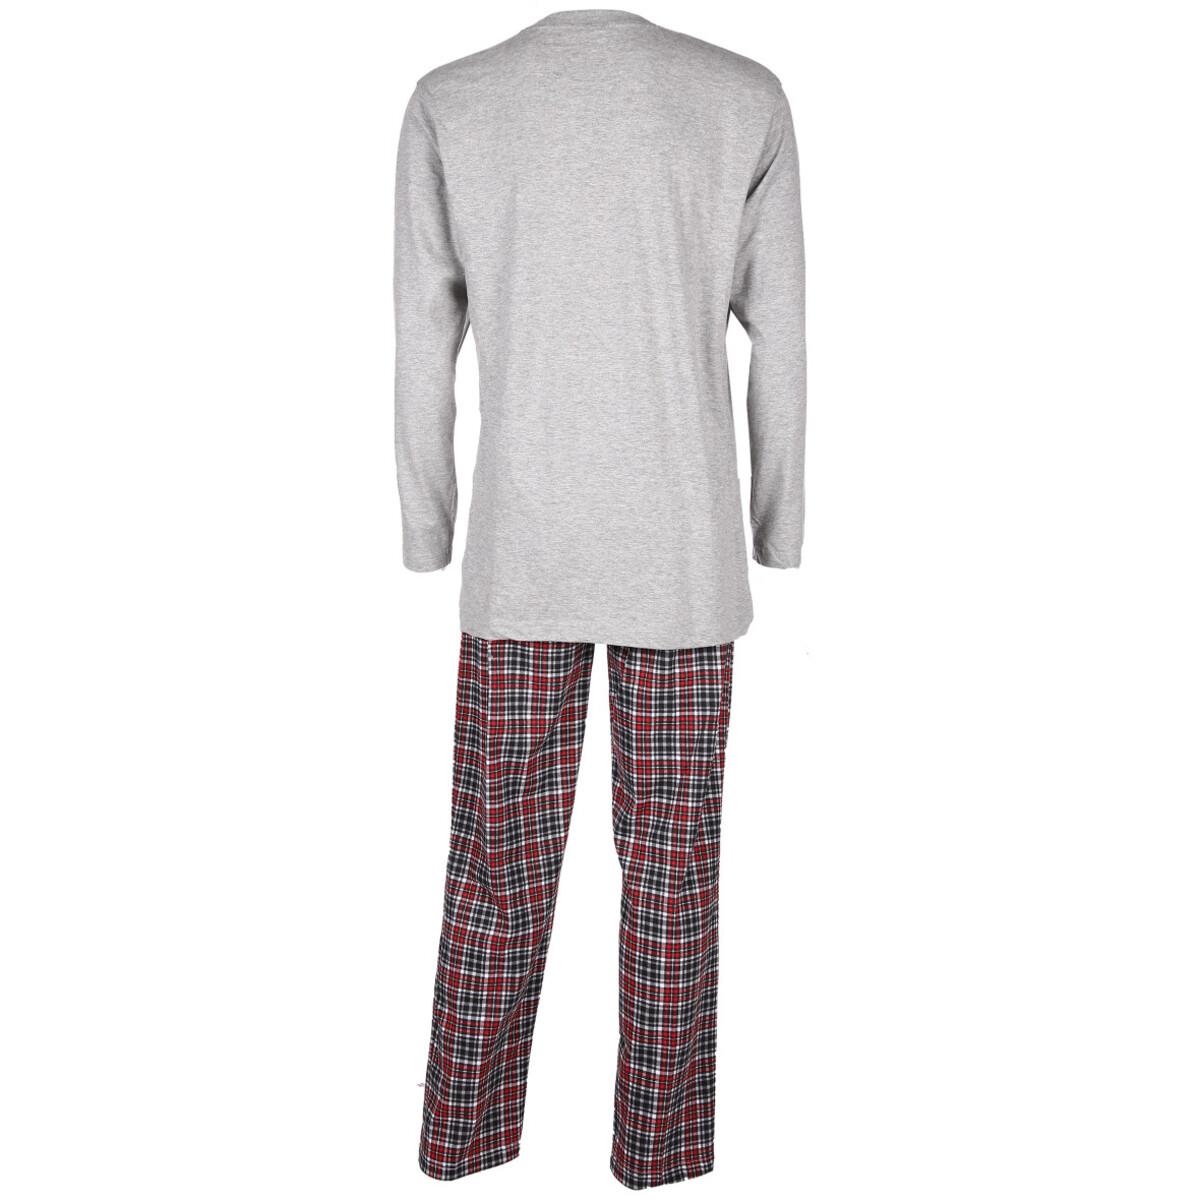 Bild 2 von Herren Pyjama mit langer Flanellhose